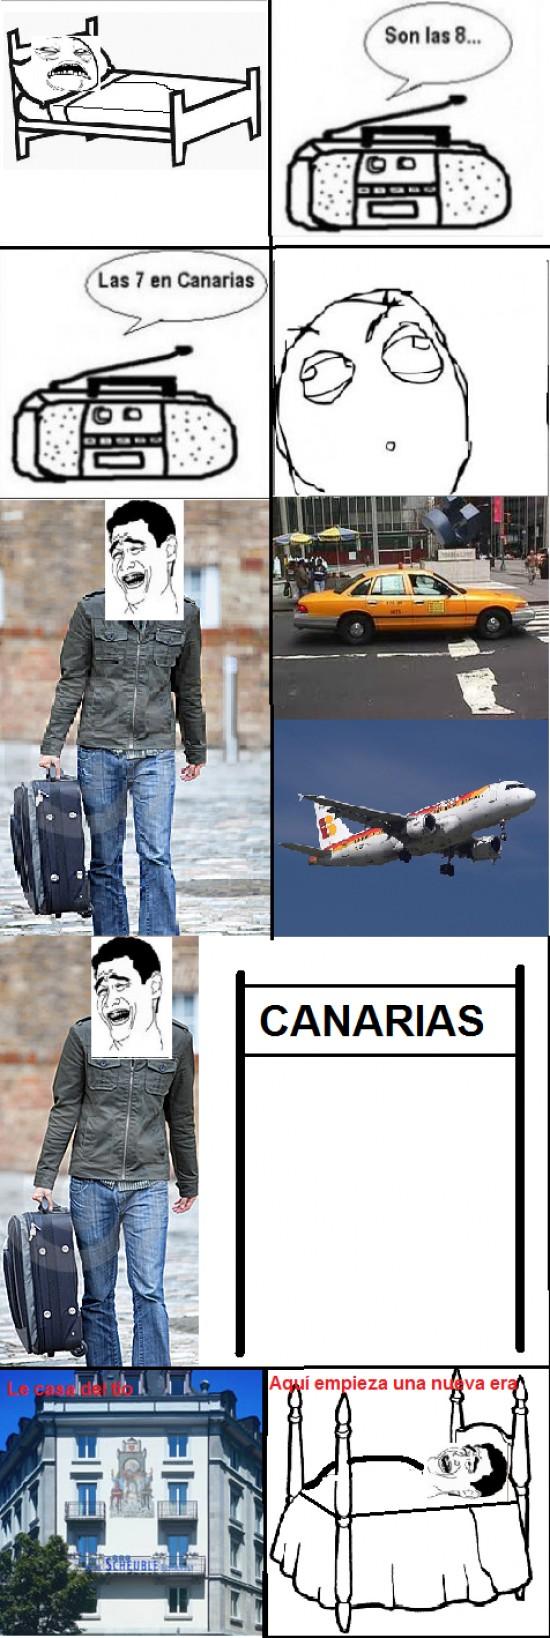 Yao - Hora menos en Canarias